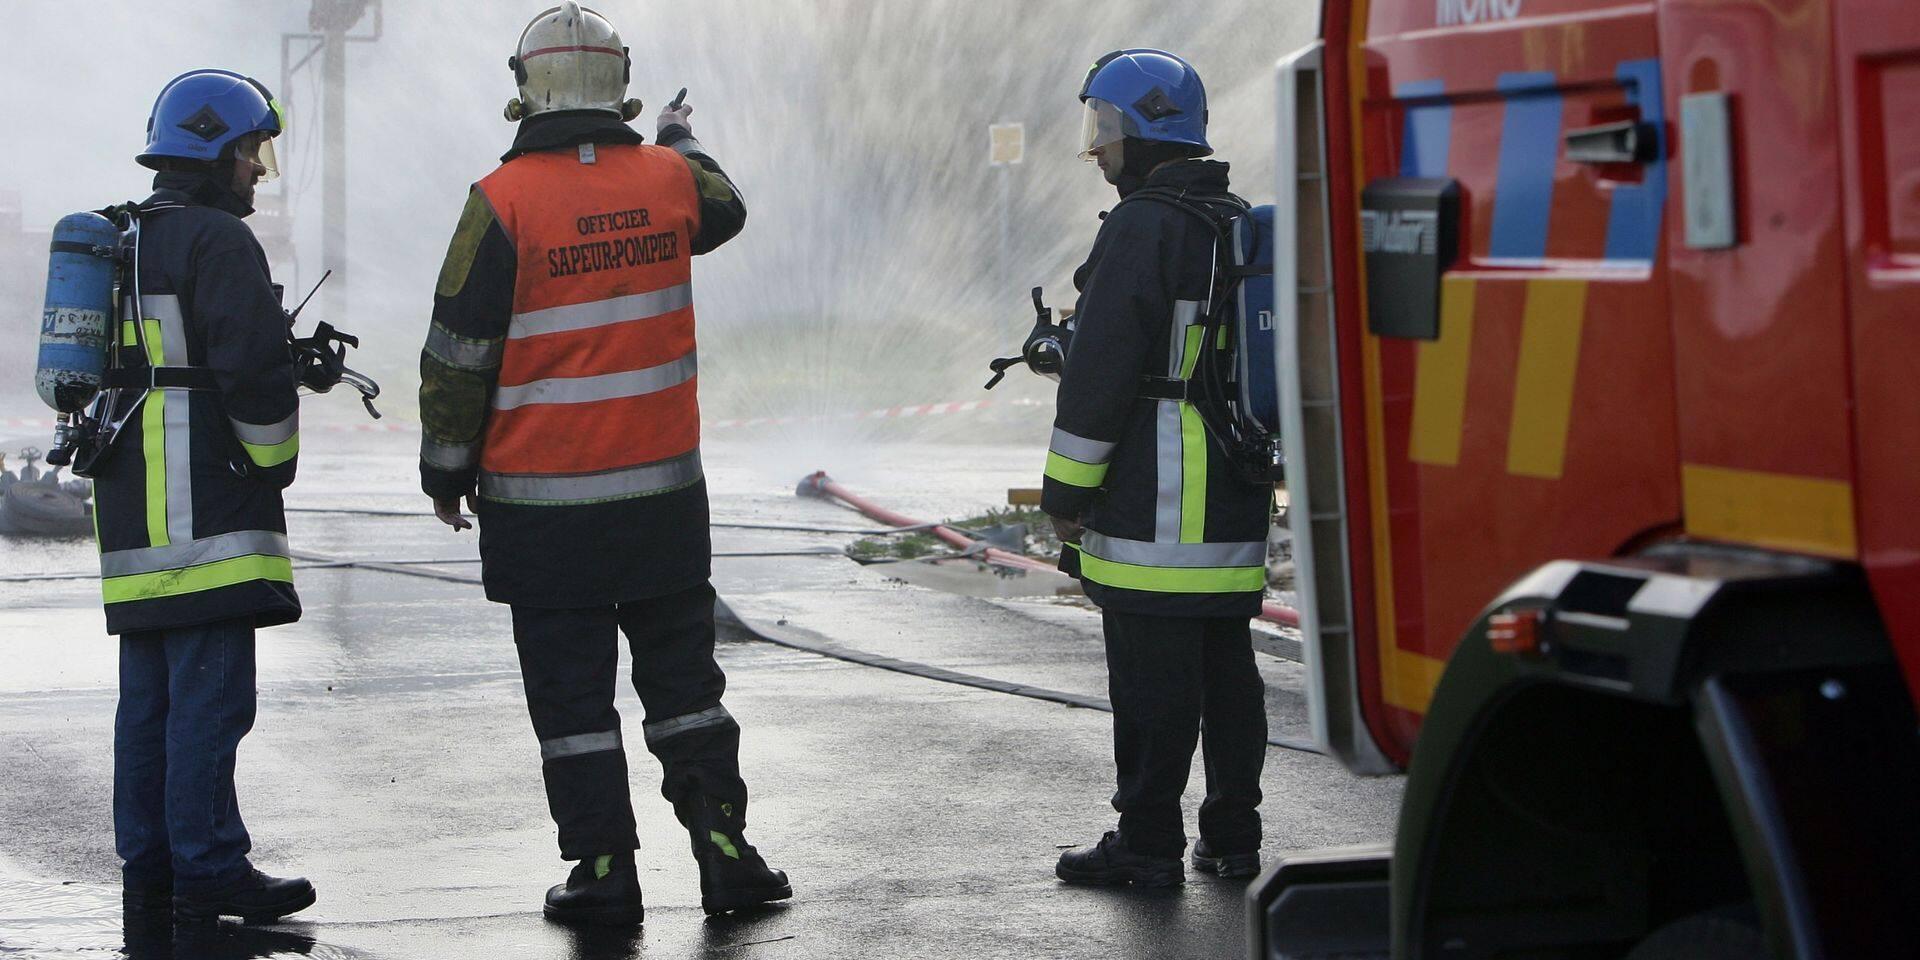 La sécurité des entreprises Seveso de Saint-Ghislain testée lors d'un exercice grandeur nature